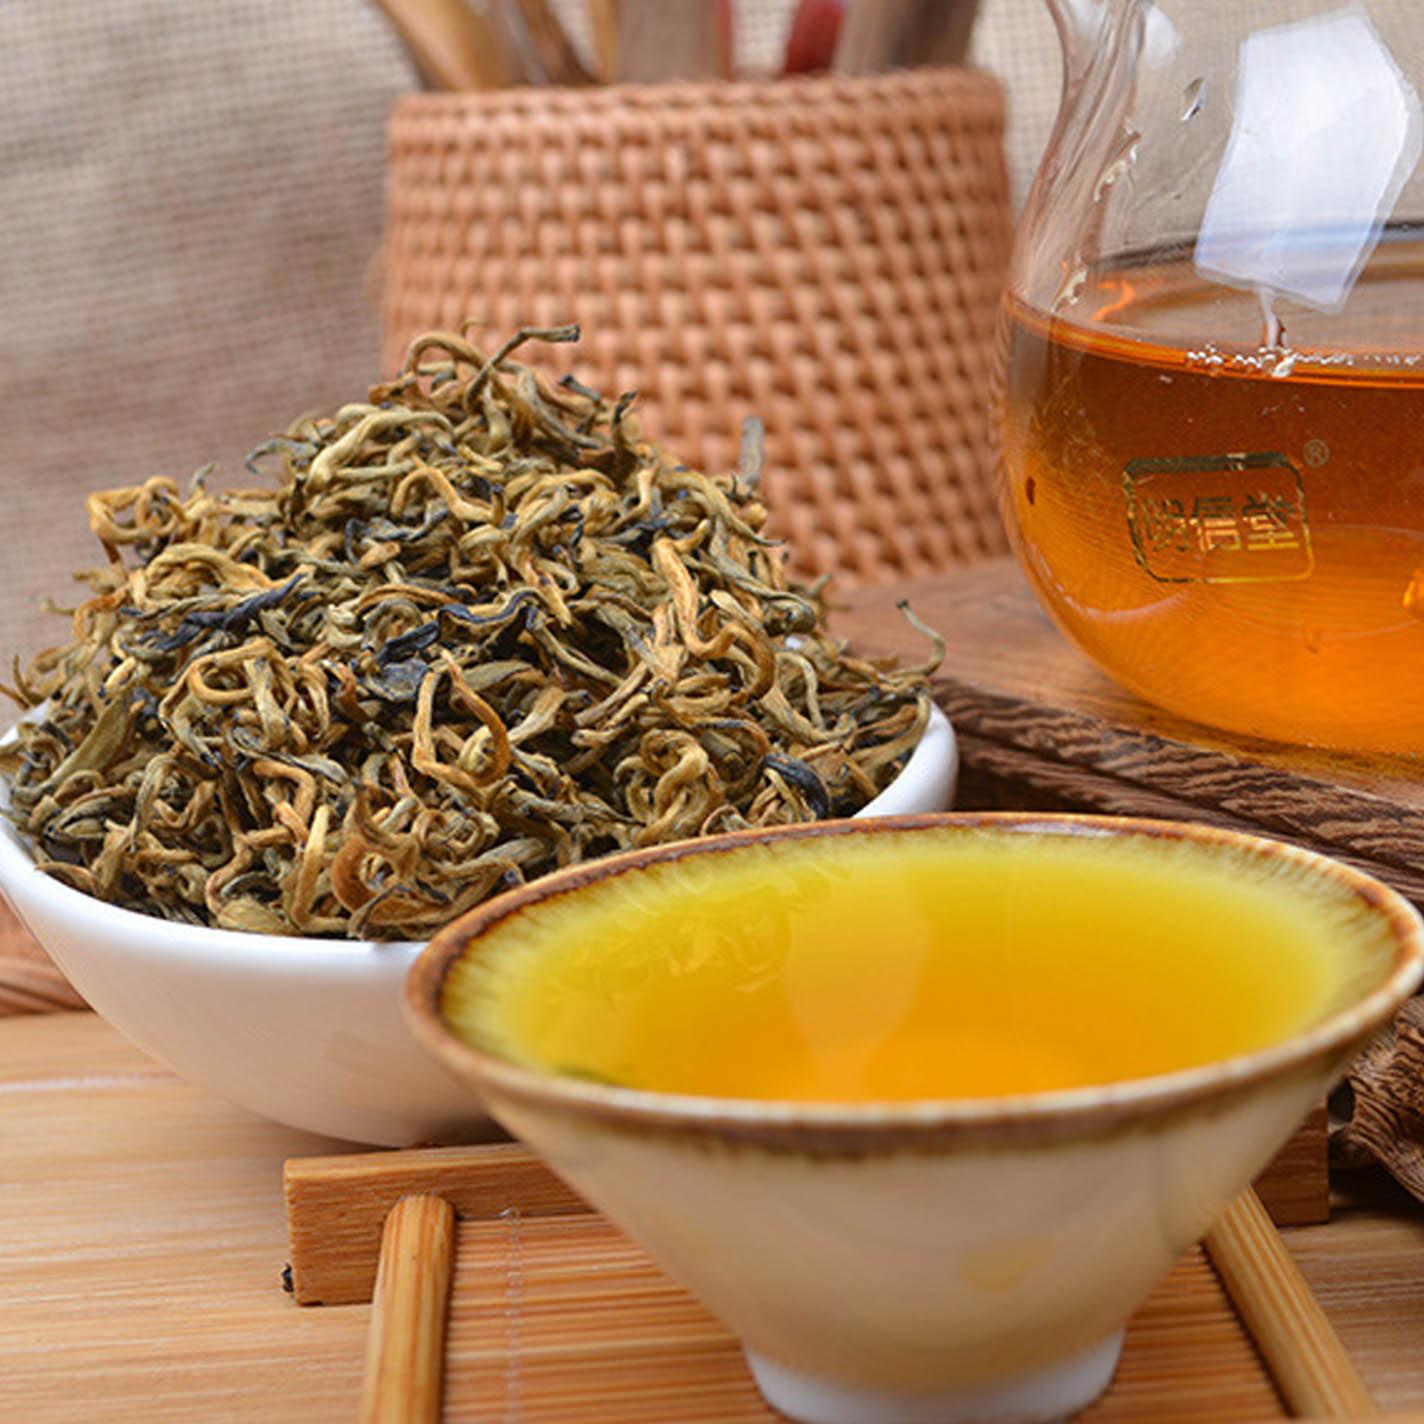 高档茶皇金芽蜜香滇红茶500克 大号曲条金骏眉味大叶古树头春红茶